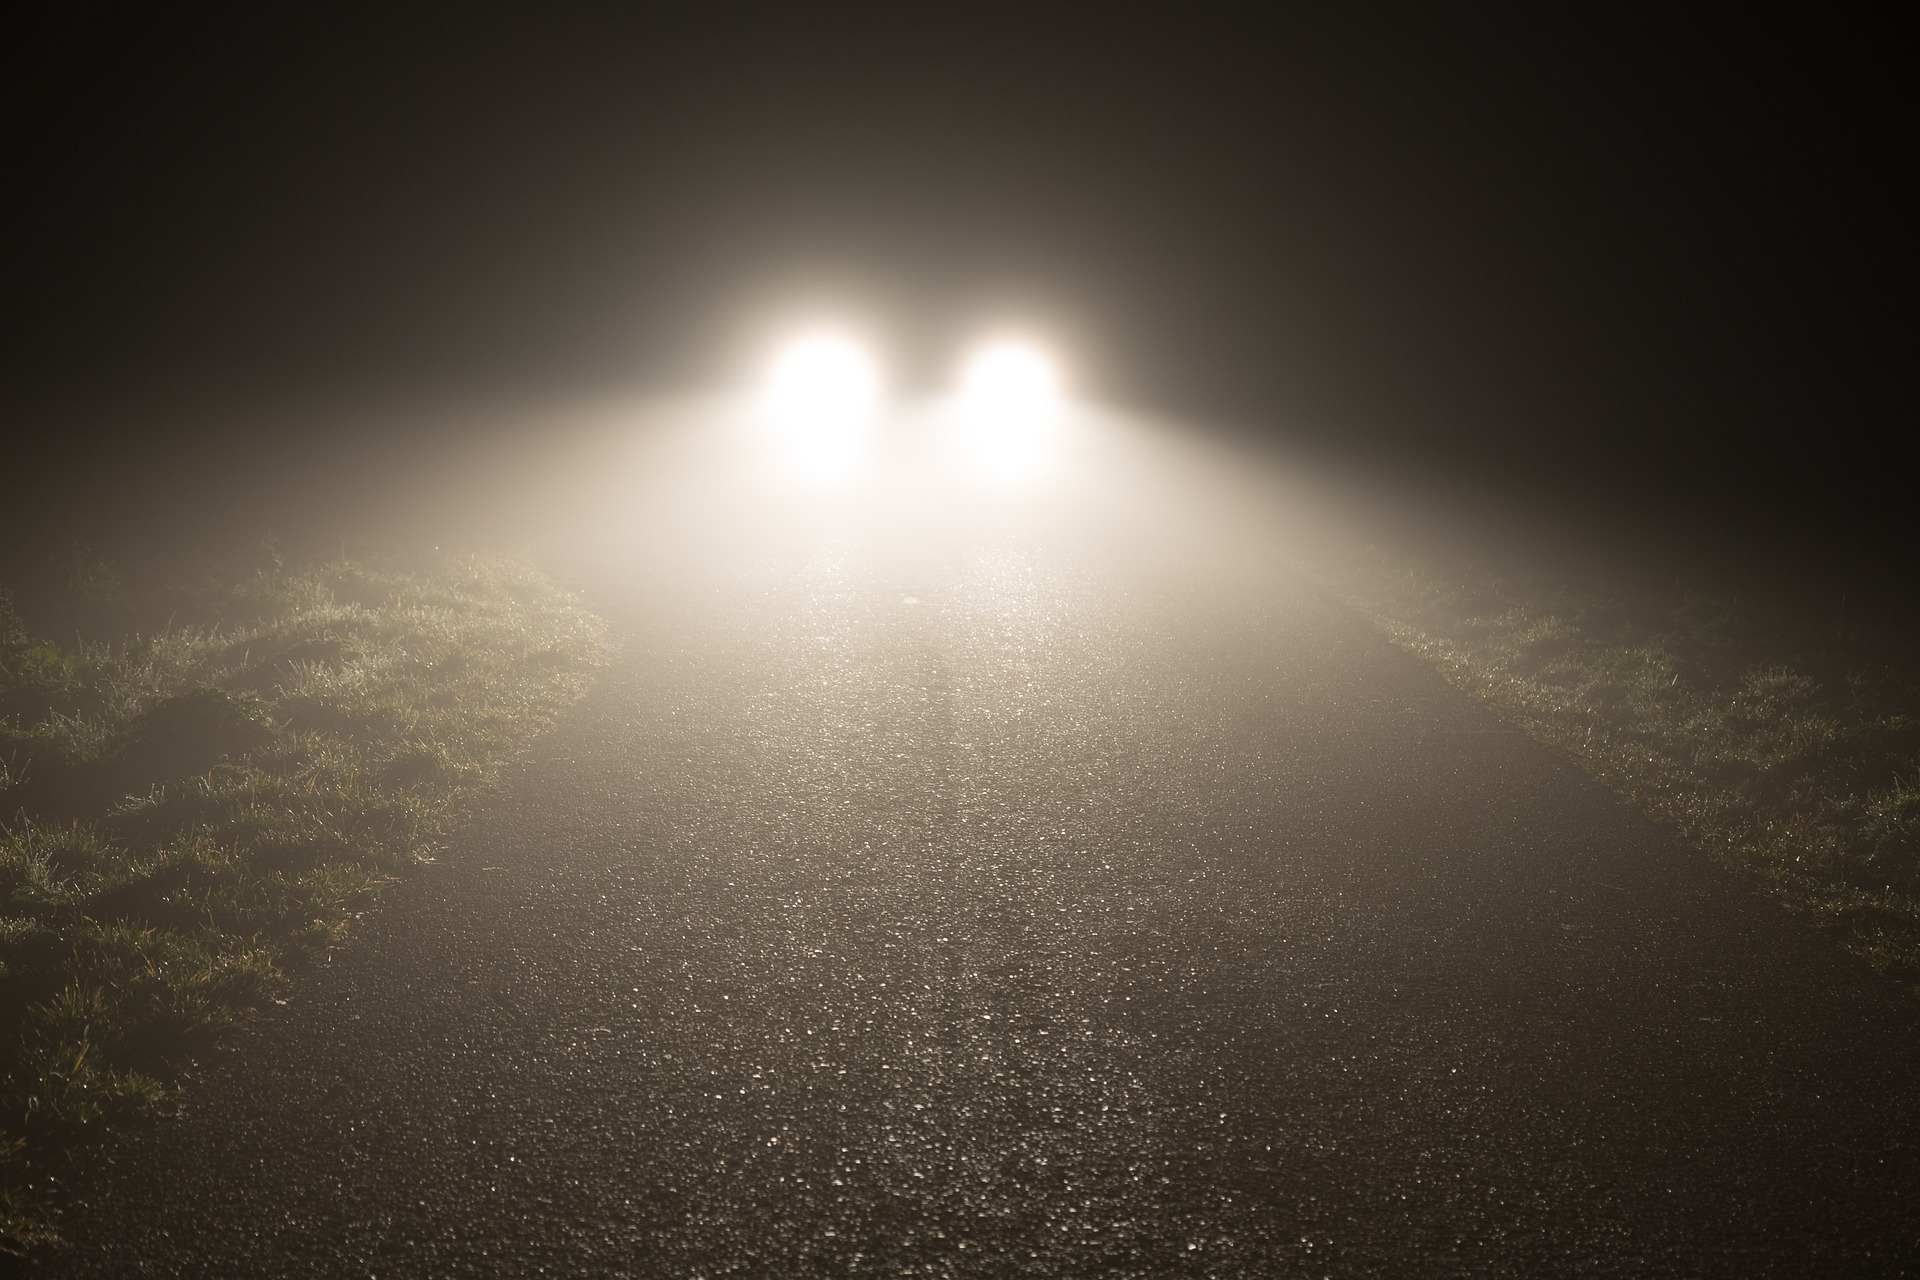 La strada continua e non voglio vedere – variazioni